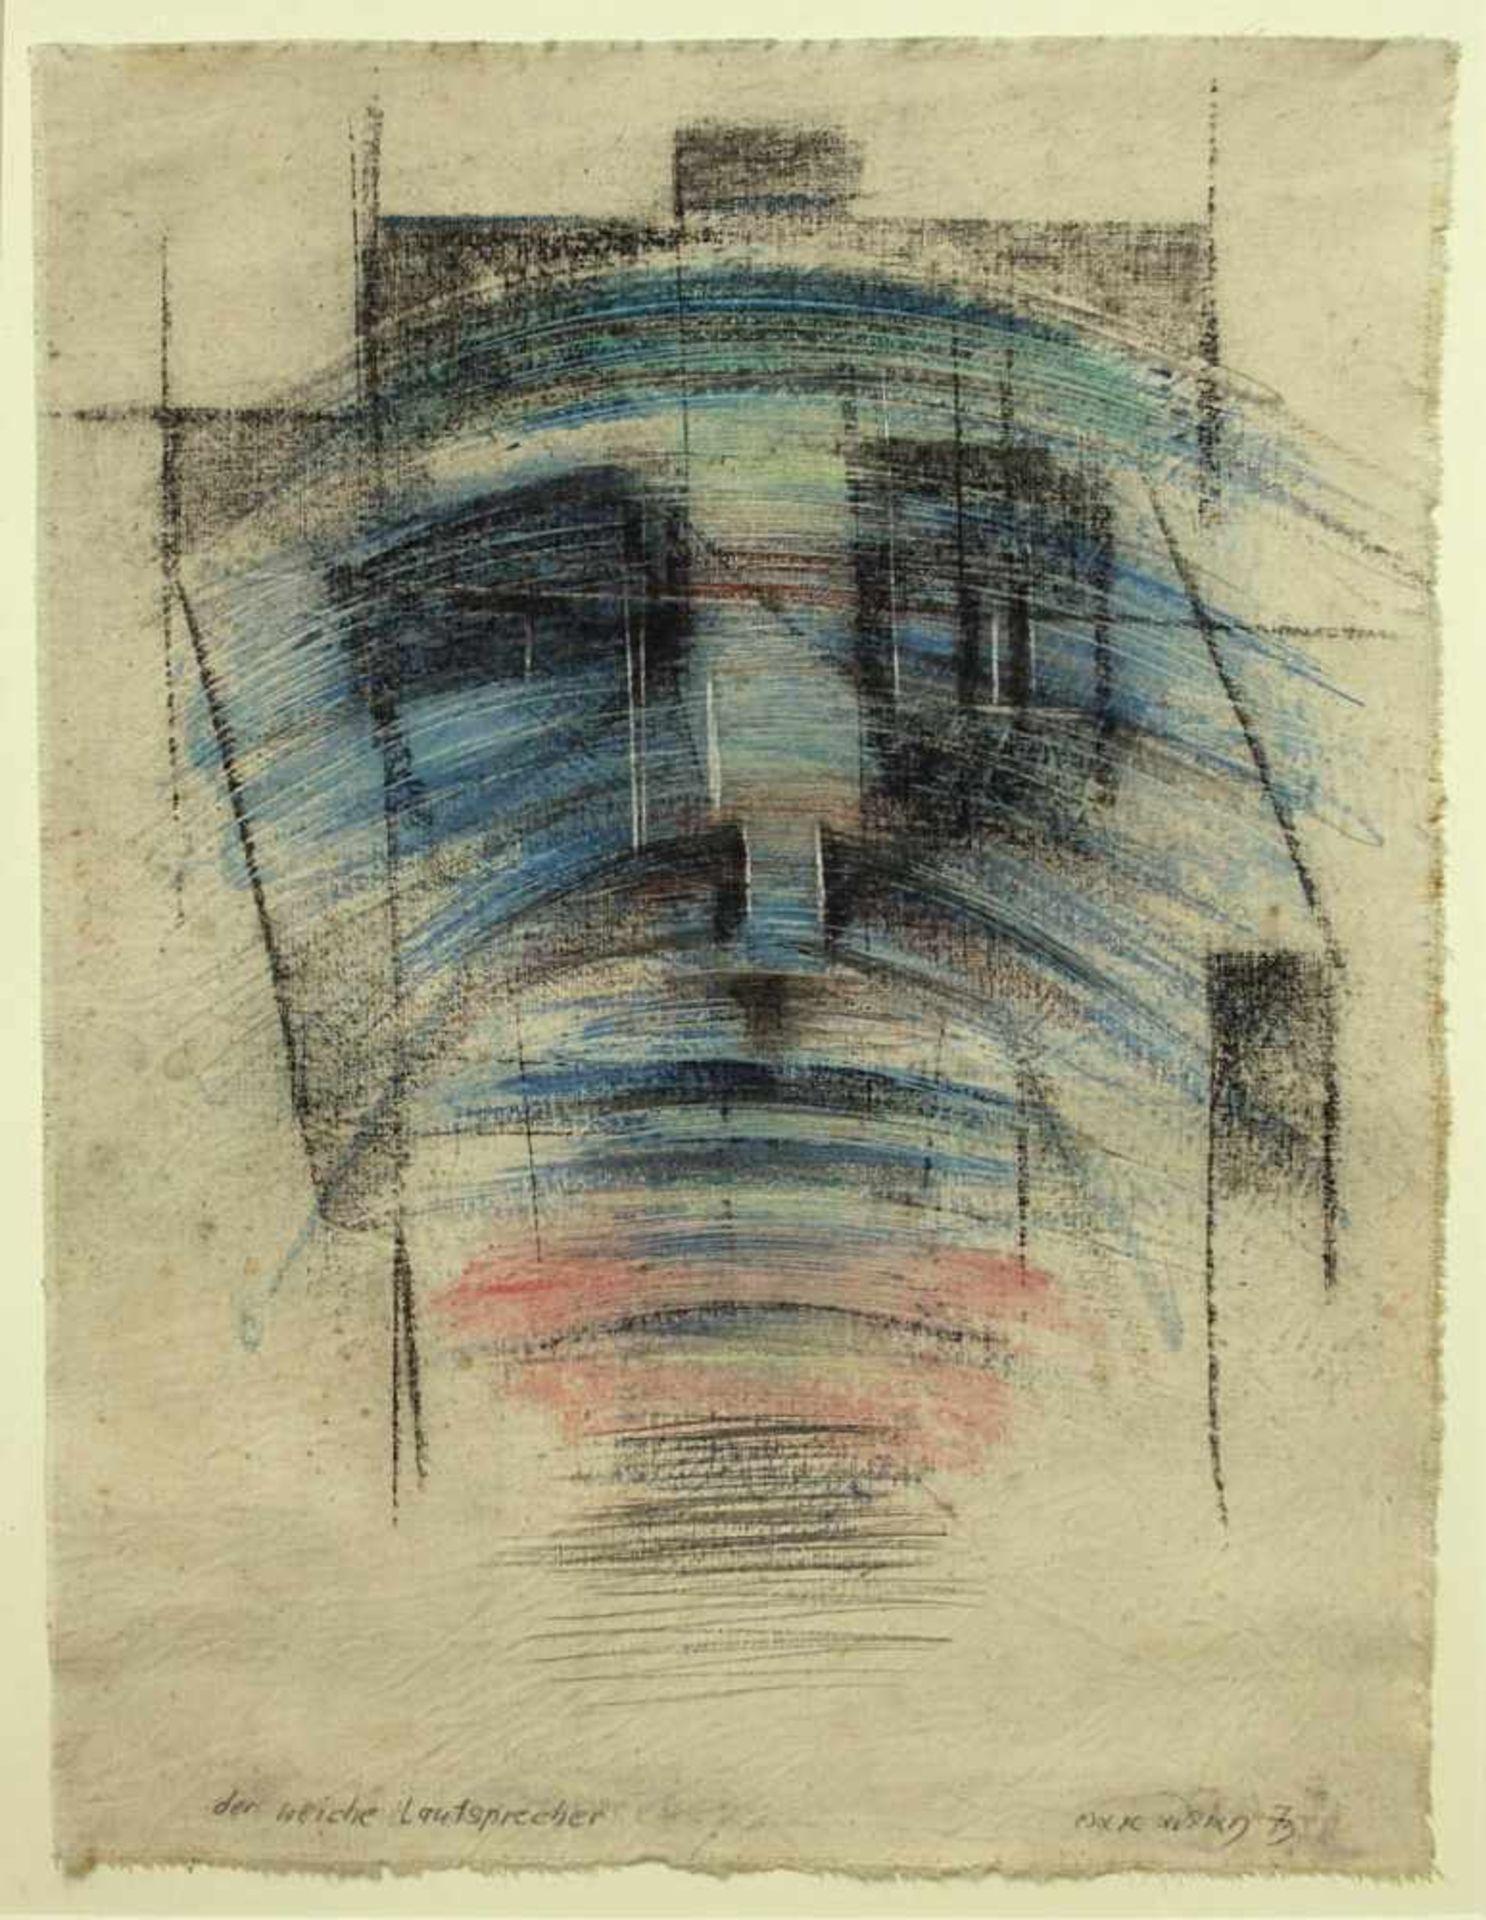 Marc Adrian 1930-2008 Der weiche Lautsprecher 1973 Öl auf Leinwand handsigniert, betitelt und